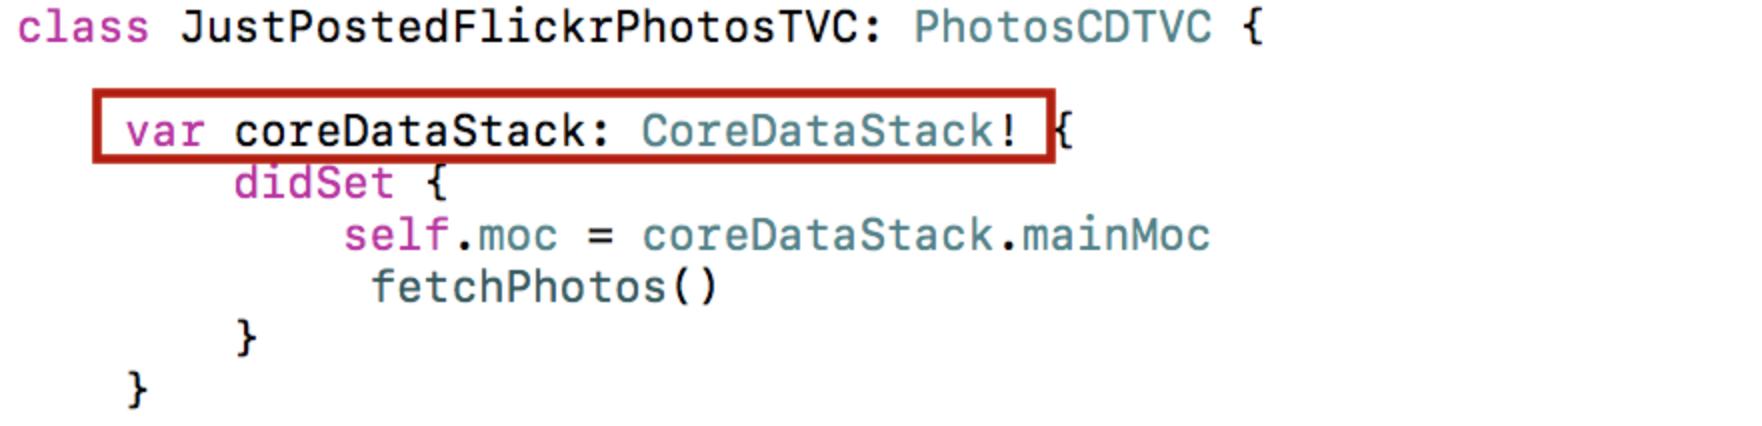 Переходим на Swift 3 с помощью миграционного «робота» в Xcode 8.1 и 8.2 - 50